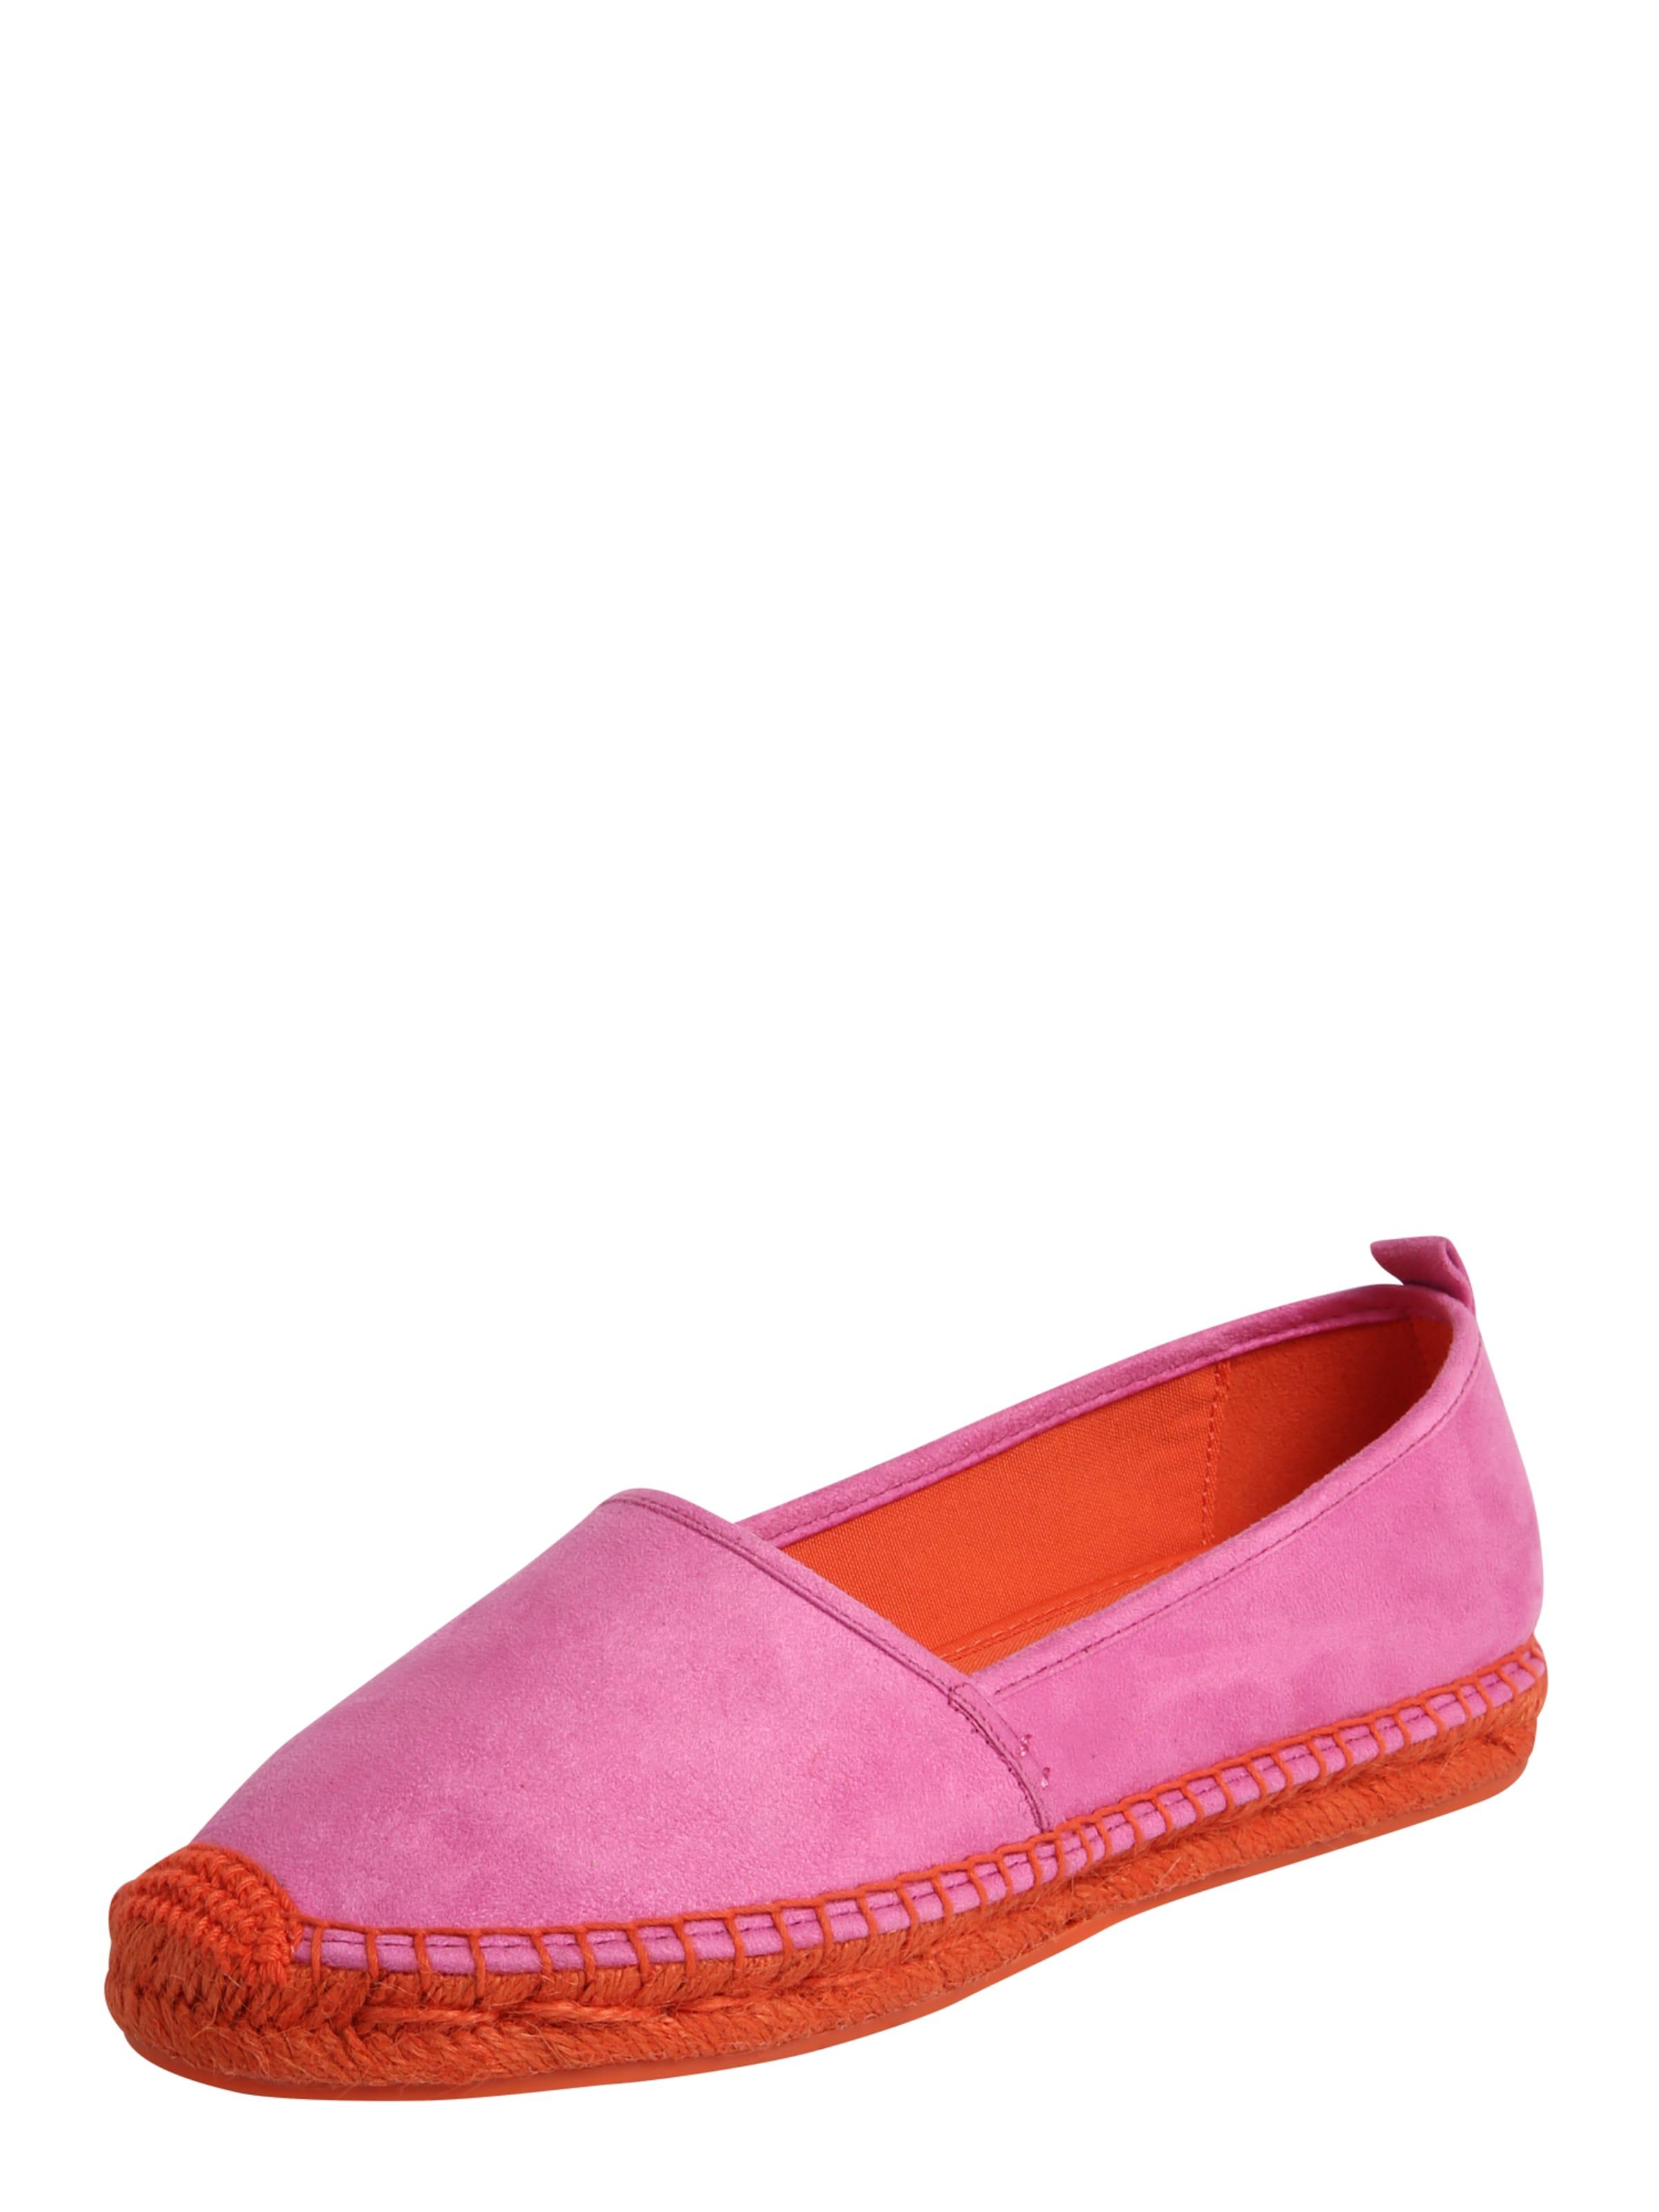 ALDO Espadrilles BEIWEN Verschleißfeste billige Schuhe